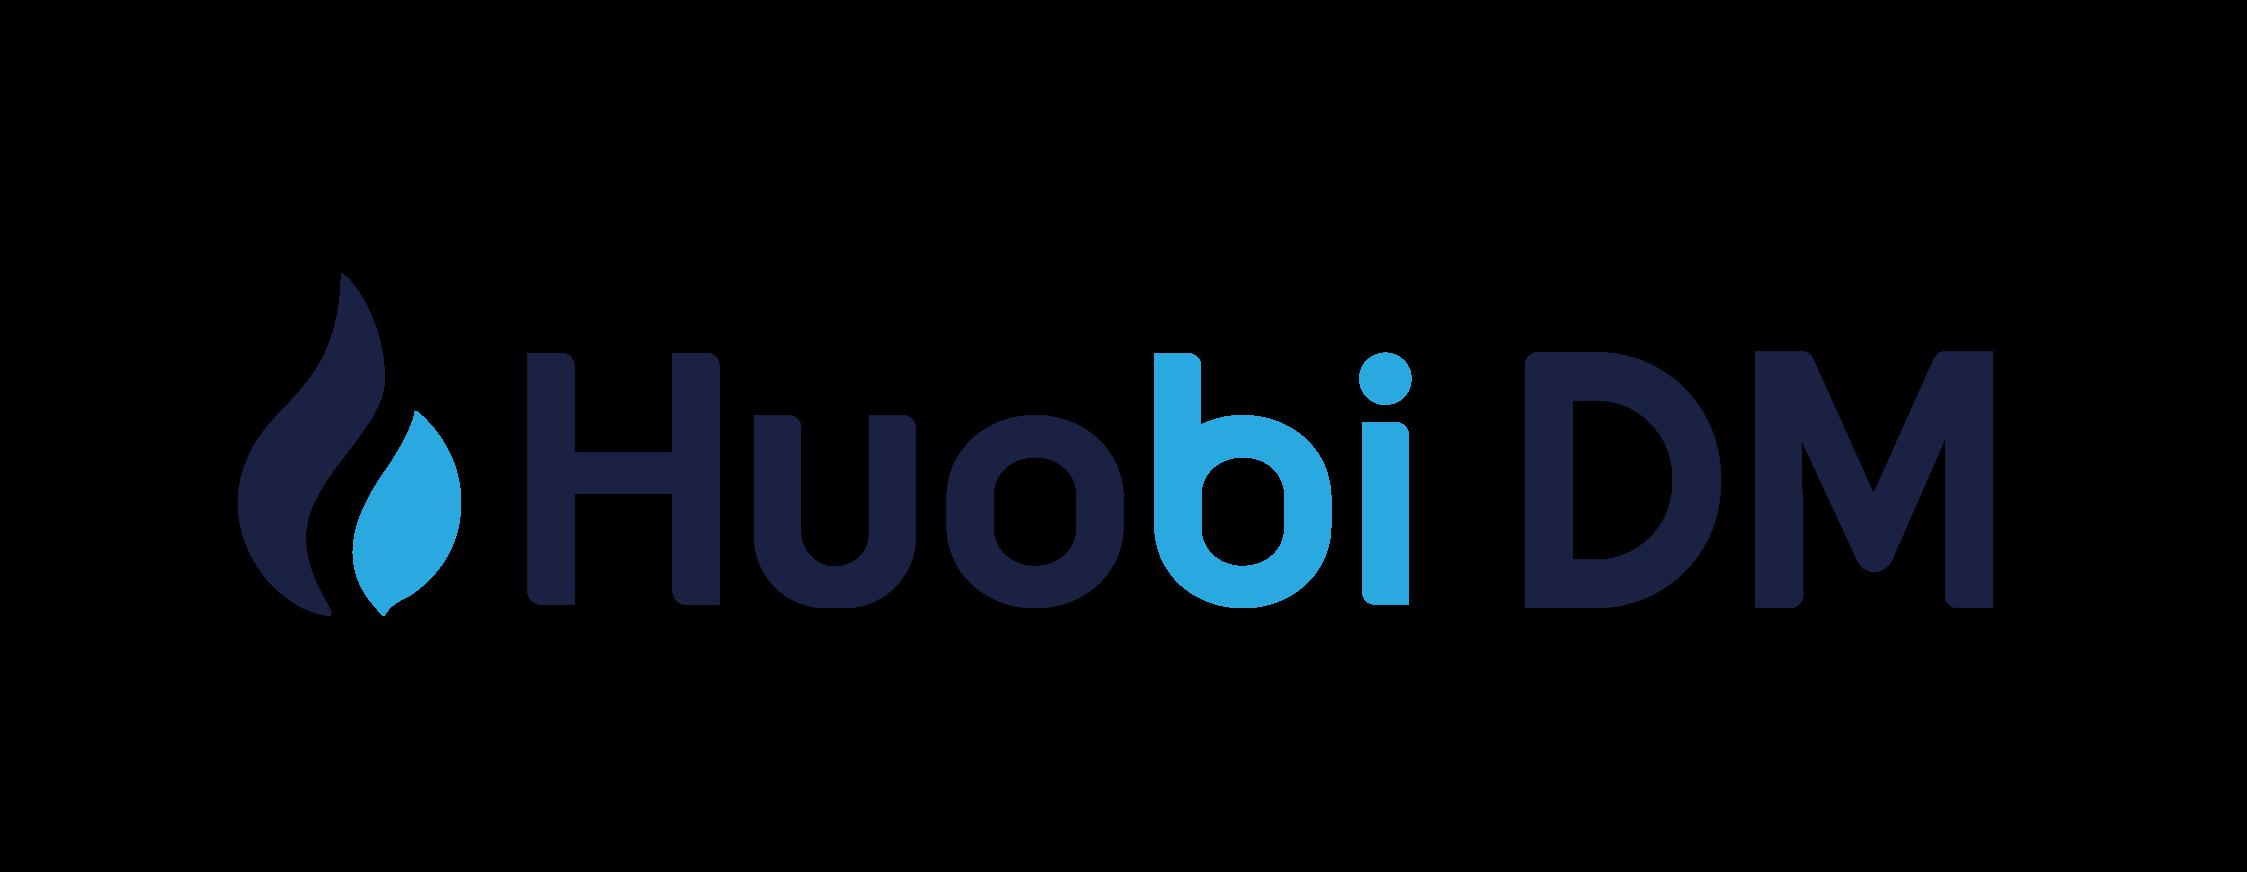 Huobi Futures ofrecerá trading de opciones de Bitcoin